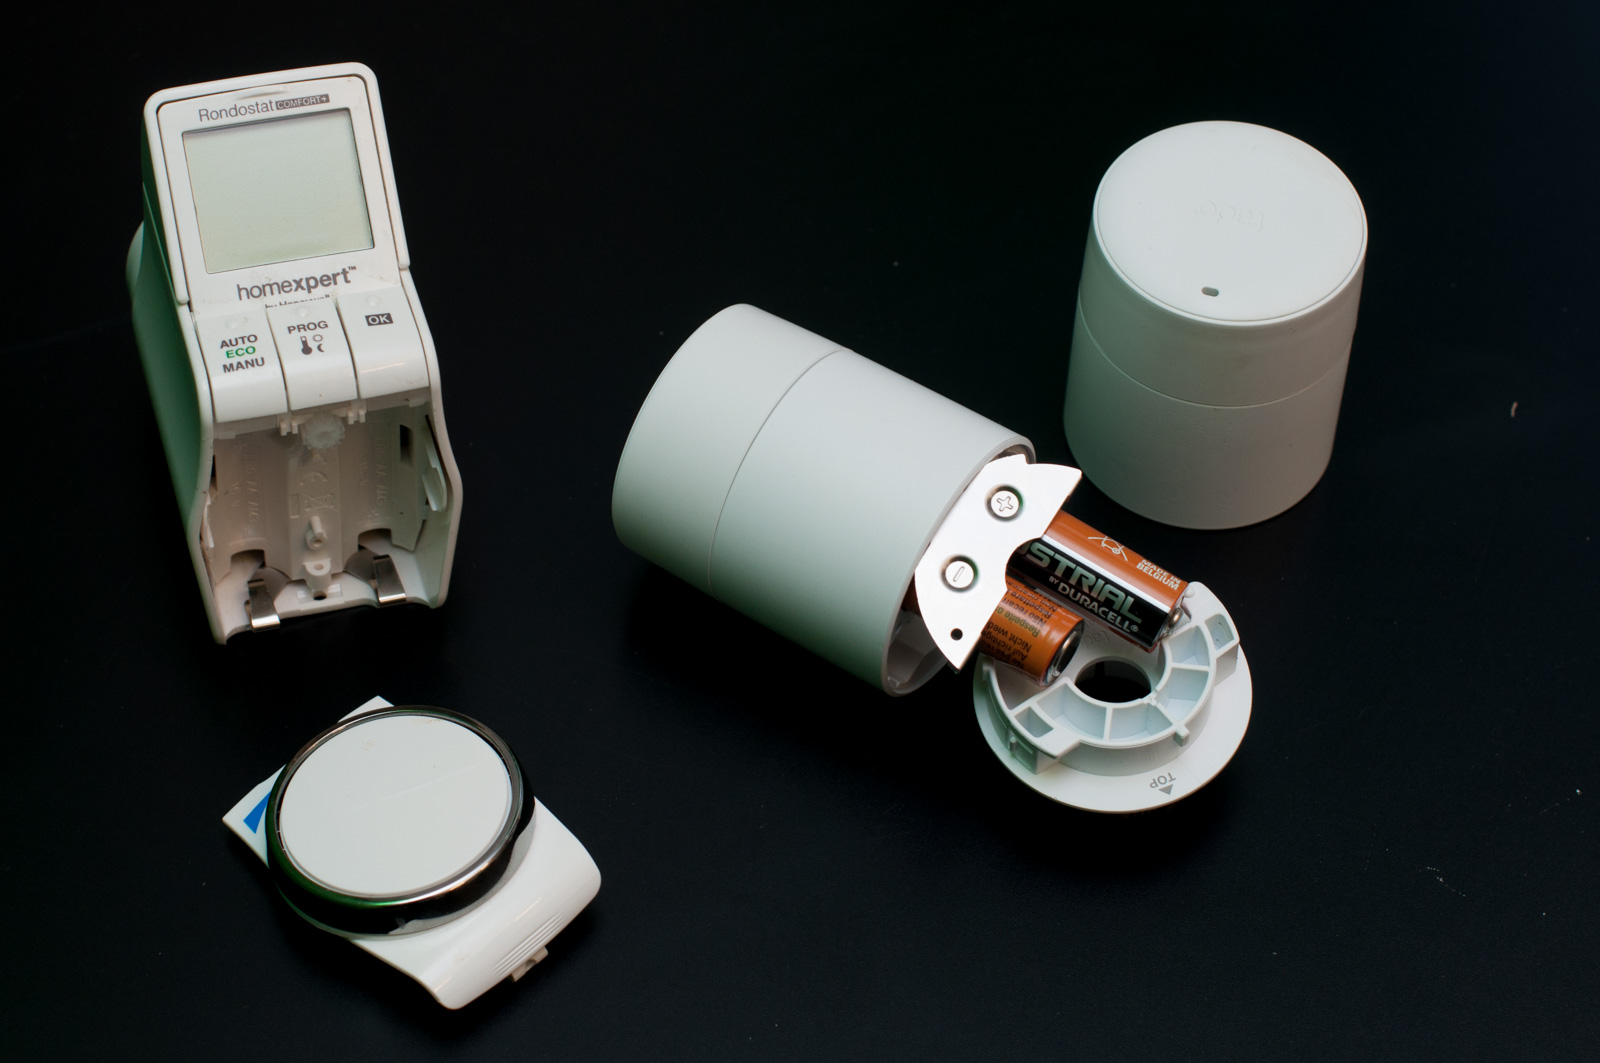 Tado im Test: Heizkörperthermostate mit effizientem Stalker-Modus - Im Vergleich zu der Honeywell-Steuerung ist das Tado-System erstaunlich kompakt. (Foto: Andreas Sebayang/Golem.de)